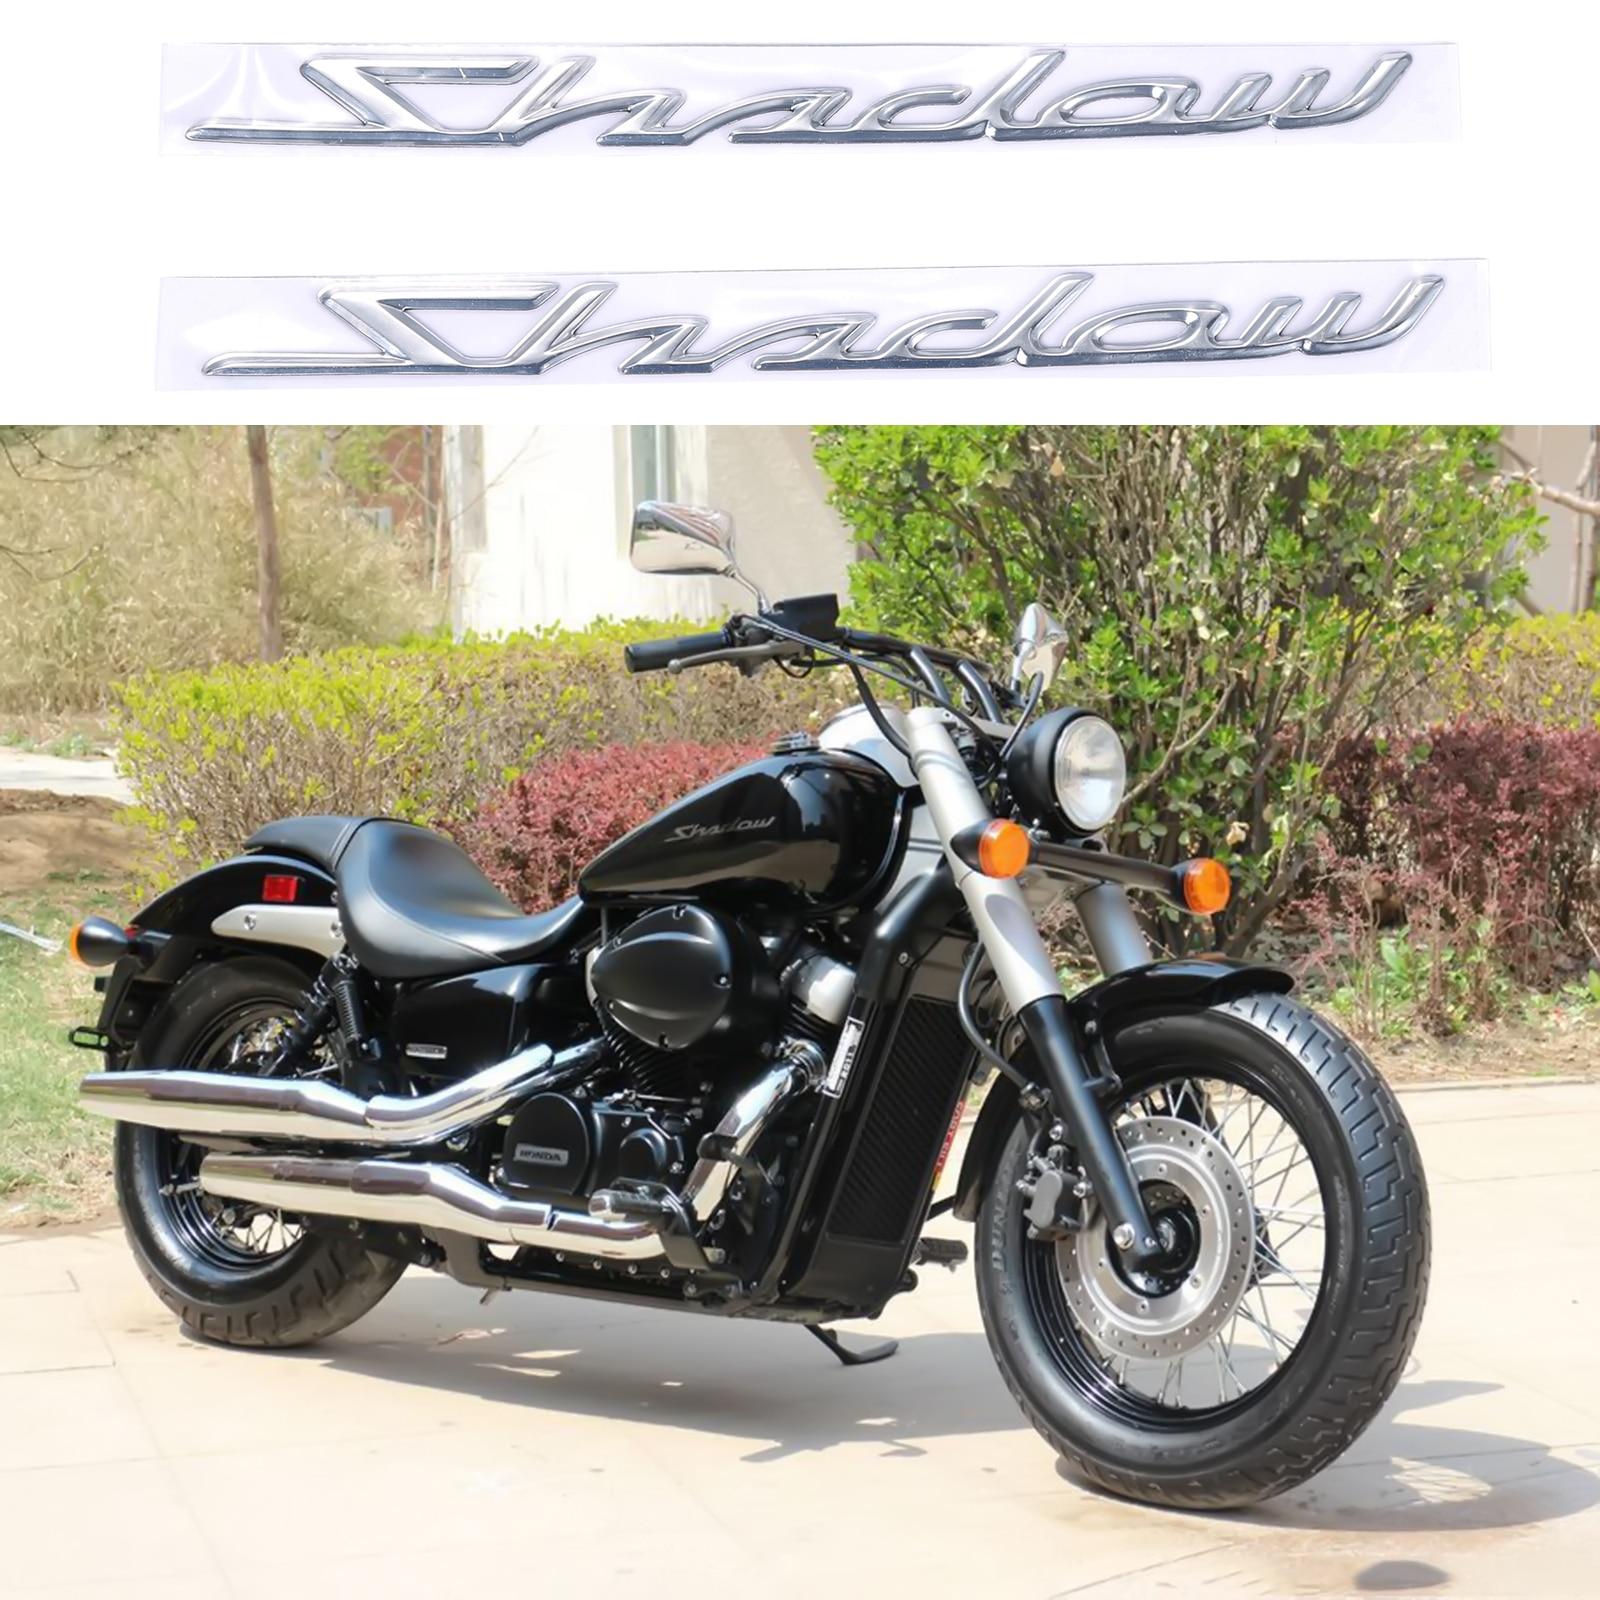 2 шт. 3D стереоскопический Бензобак хромированная Наклейка для Honda Shadow Spirit Sabre Aero ACE VT750 аксессуары для мотоциклов